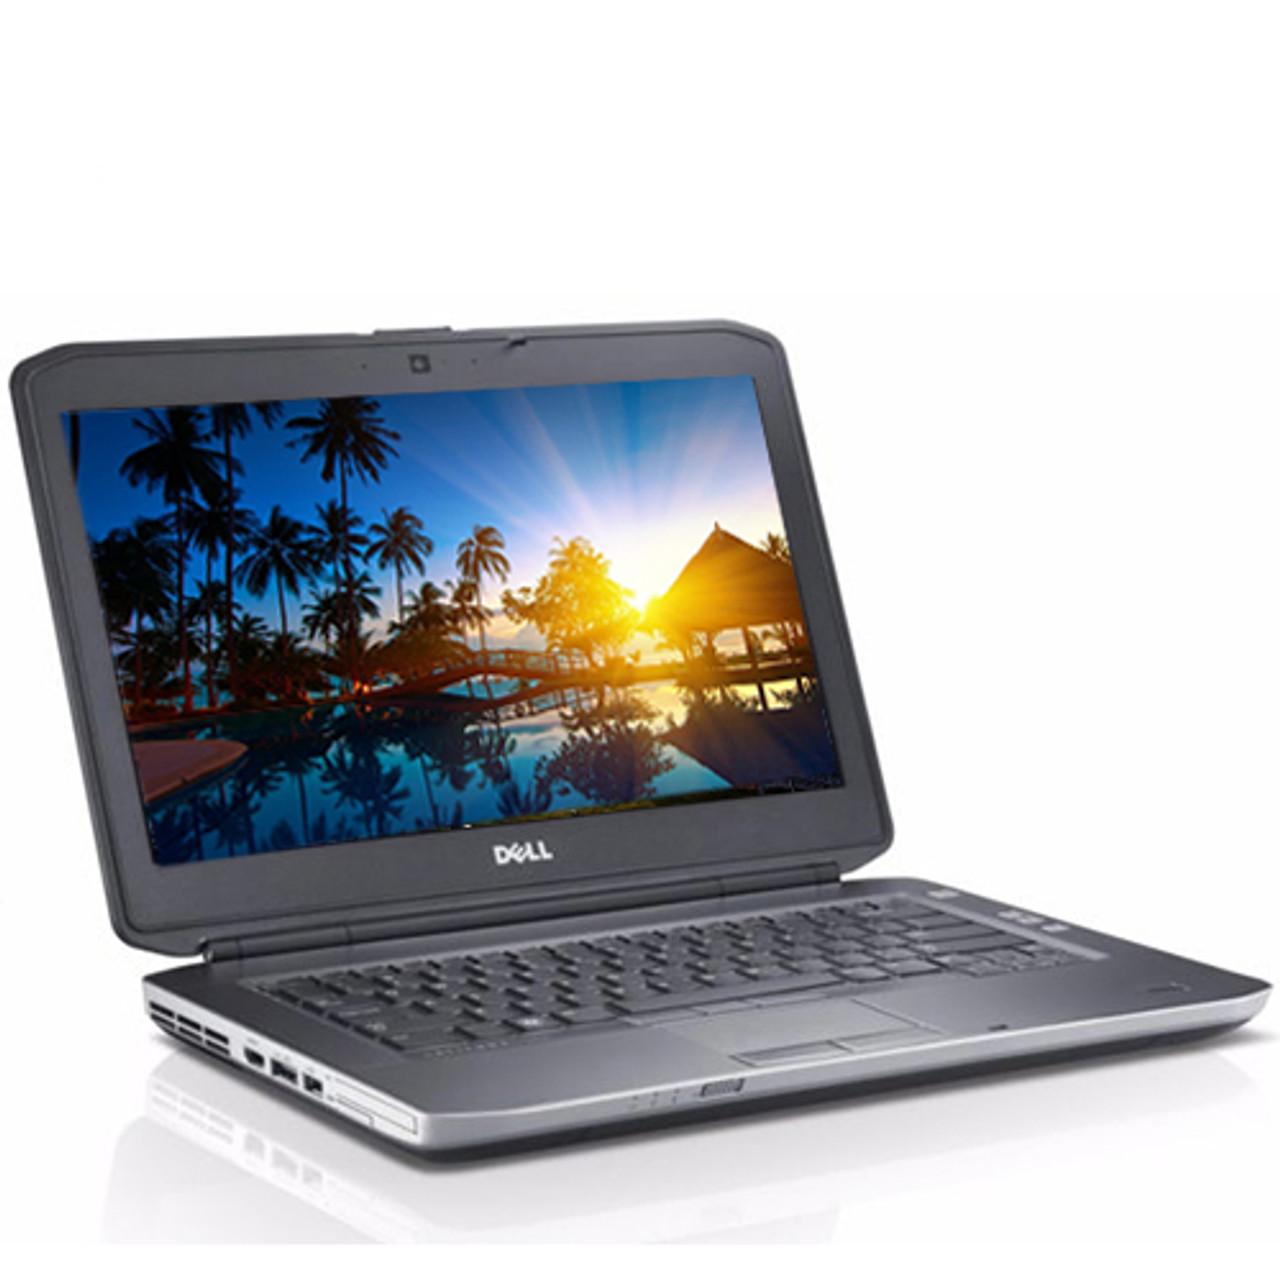 Dell Laptop Latitude Windows 10 PC Intel Core i5 2nd Gen 8GB 320GB DVD WIFI  HDMI